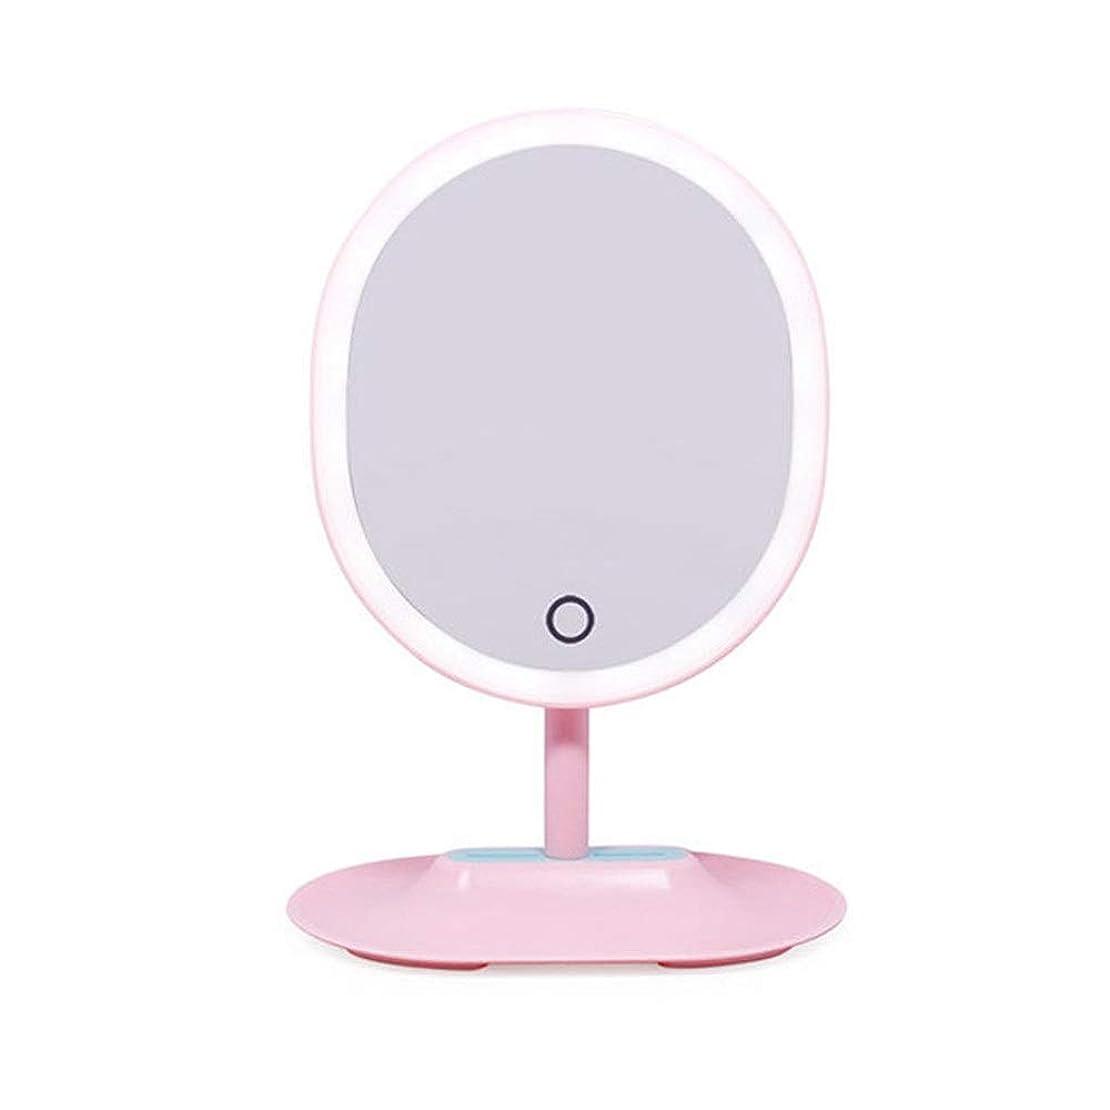 印象的錫フェンス5倍拡大鏡充電式タッチスクリーン調整可能な調光対応回転カウンター化粧品ミラーテーブルフィルライト付きled照明付き化粧化粧鏡 ライト付きバニティミラー (色 : ピンク, サイズ : ワンサイズ)